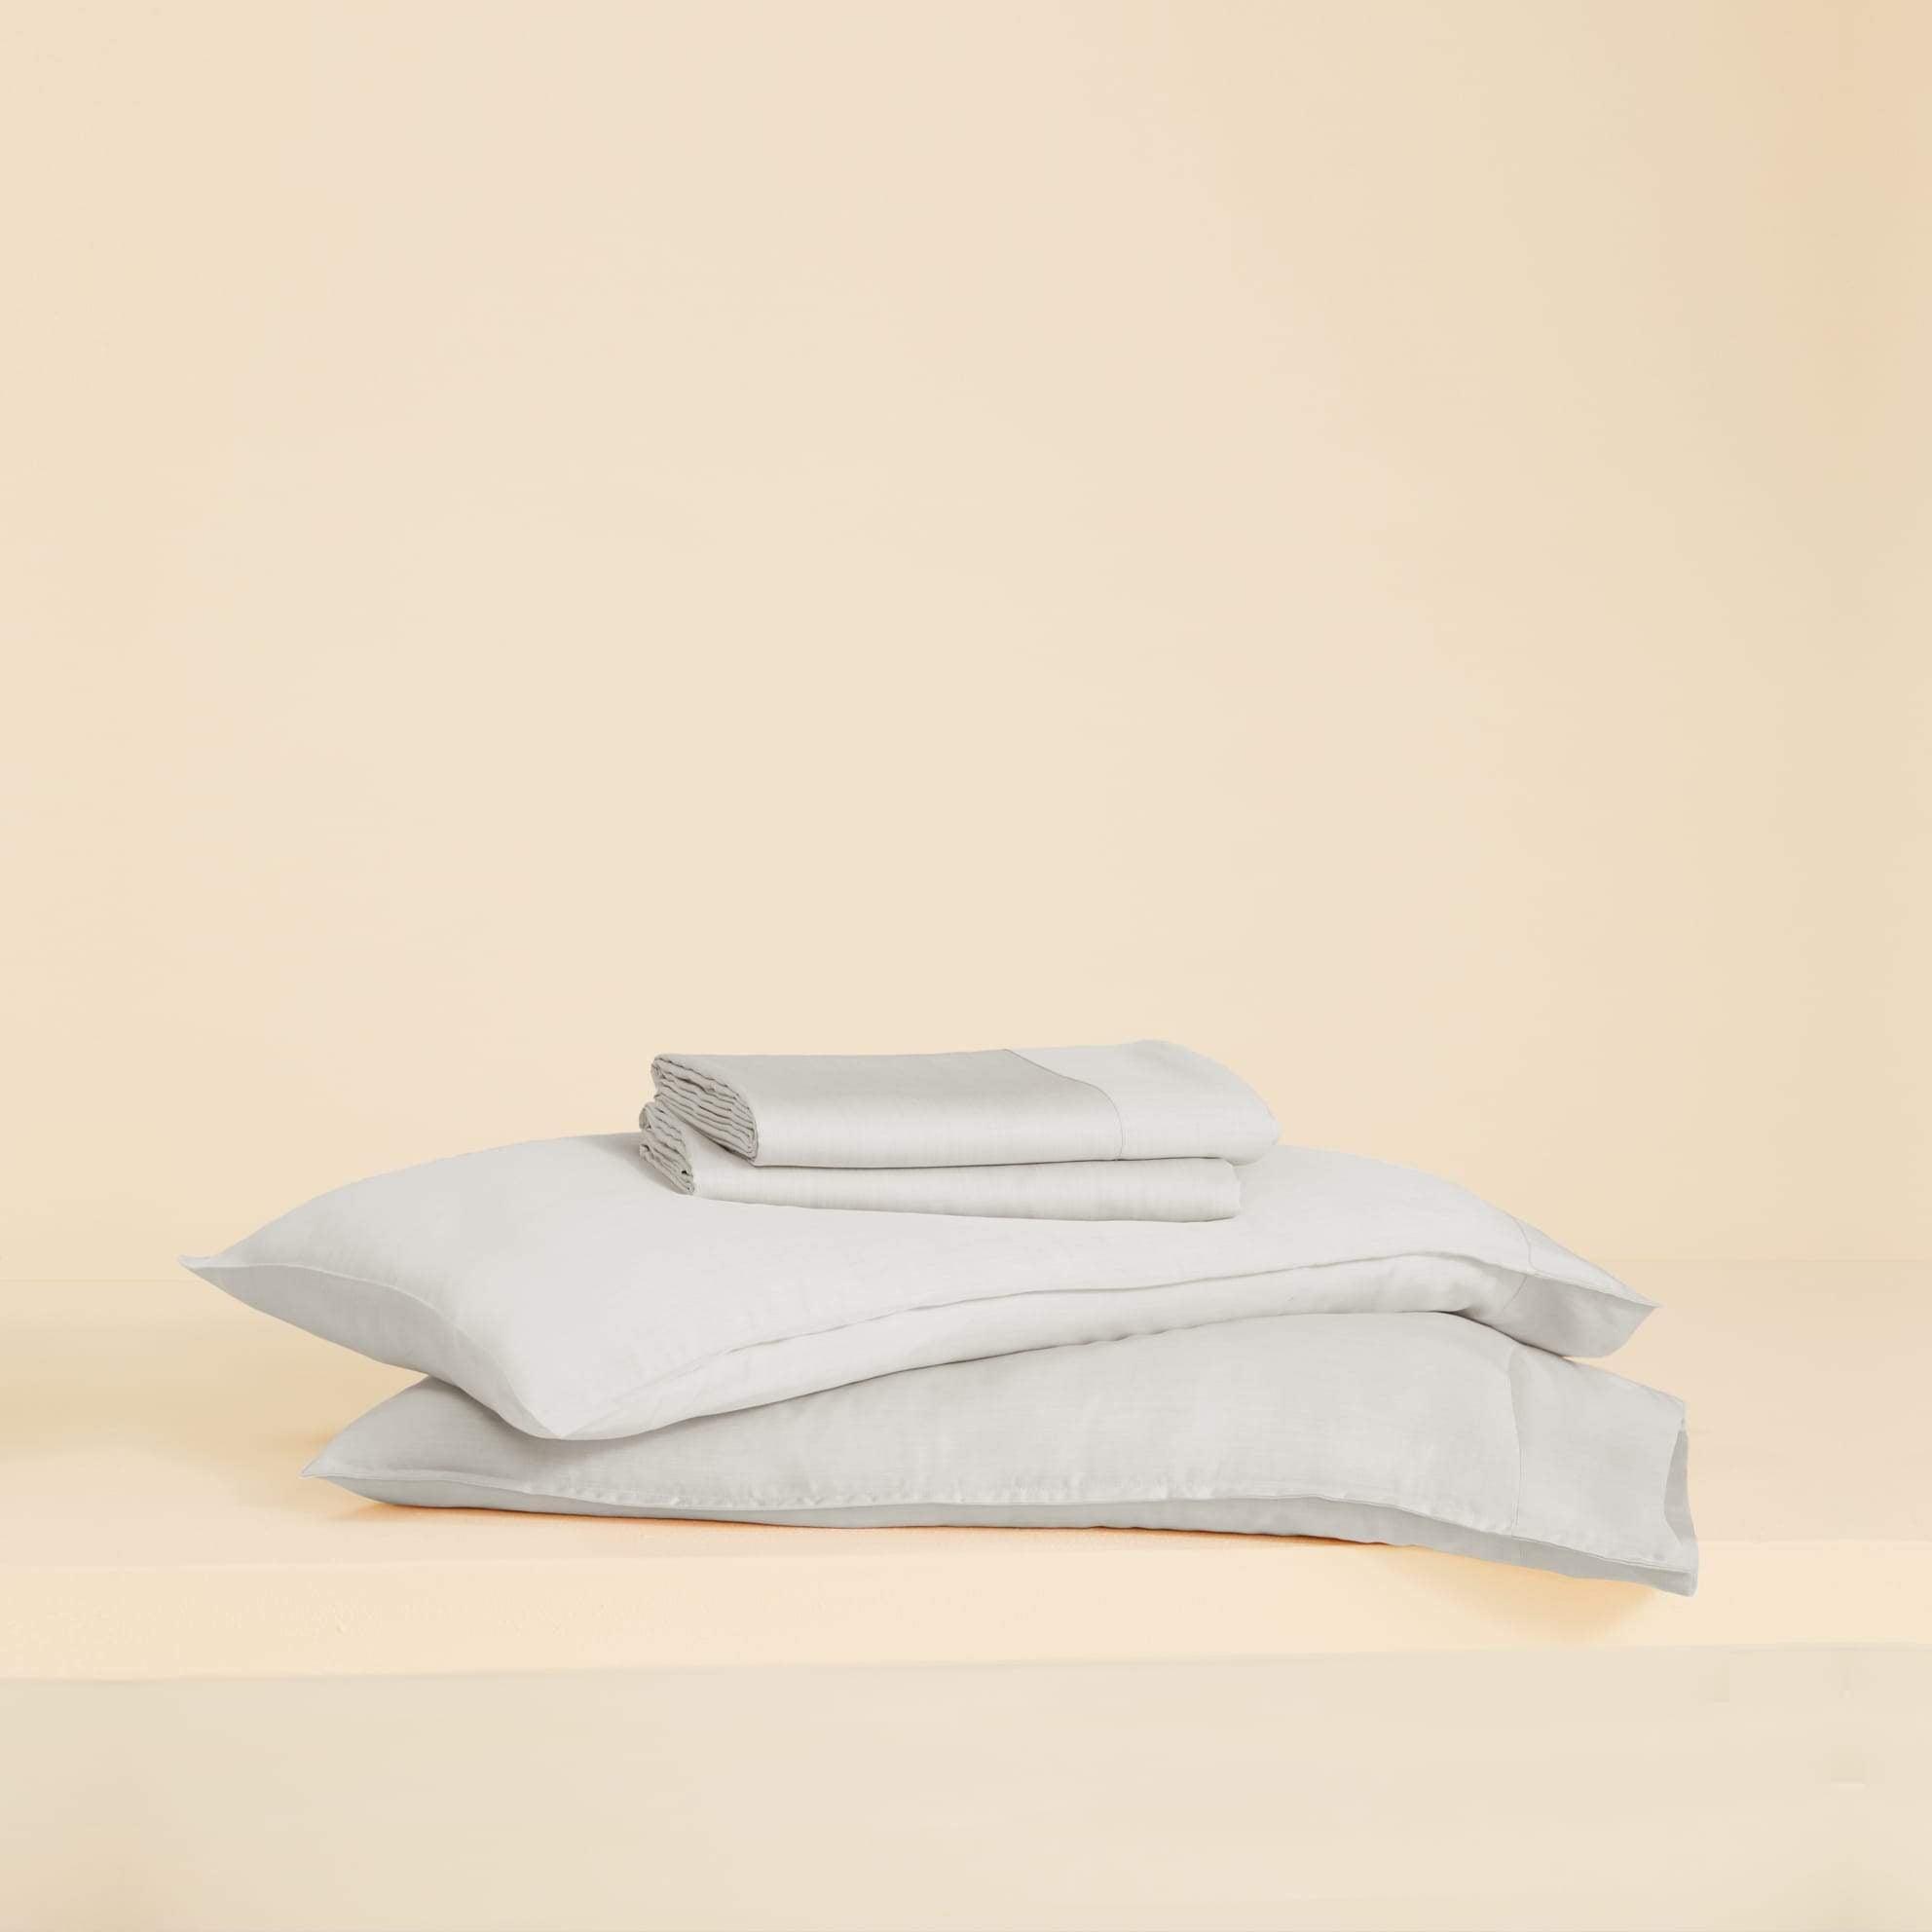 Gray sheets